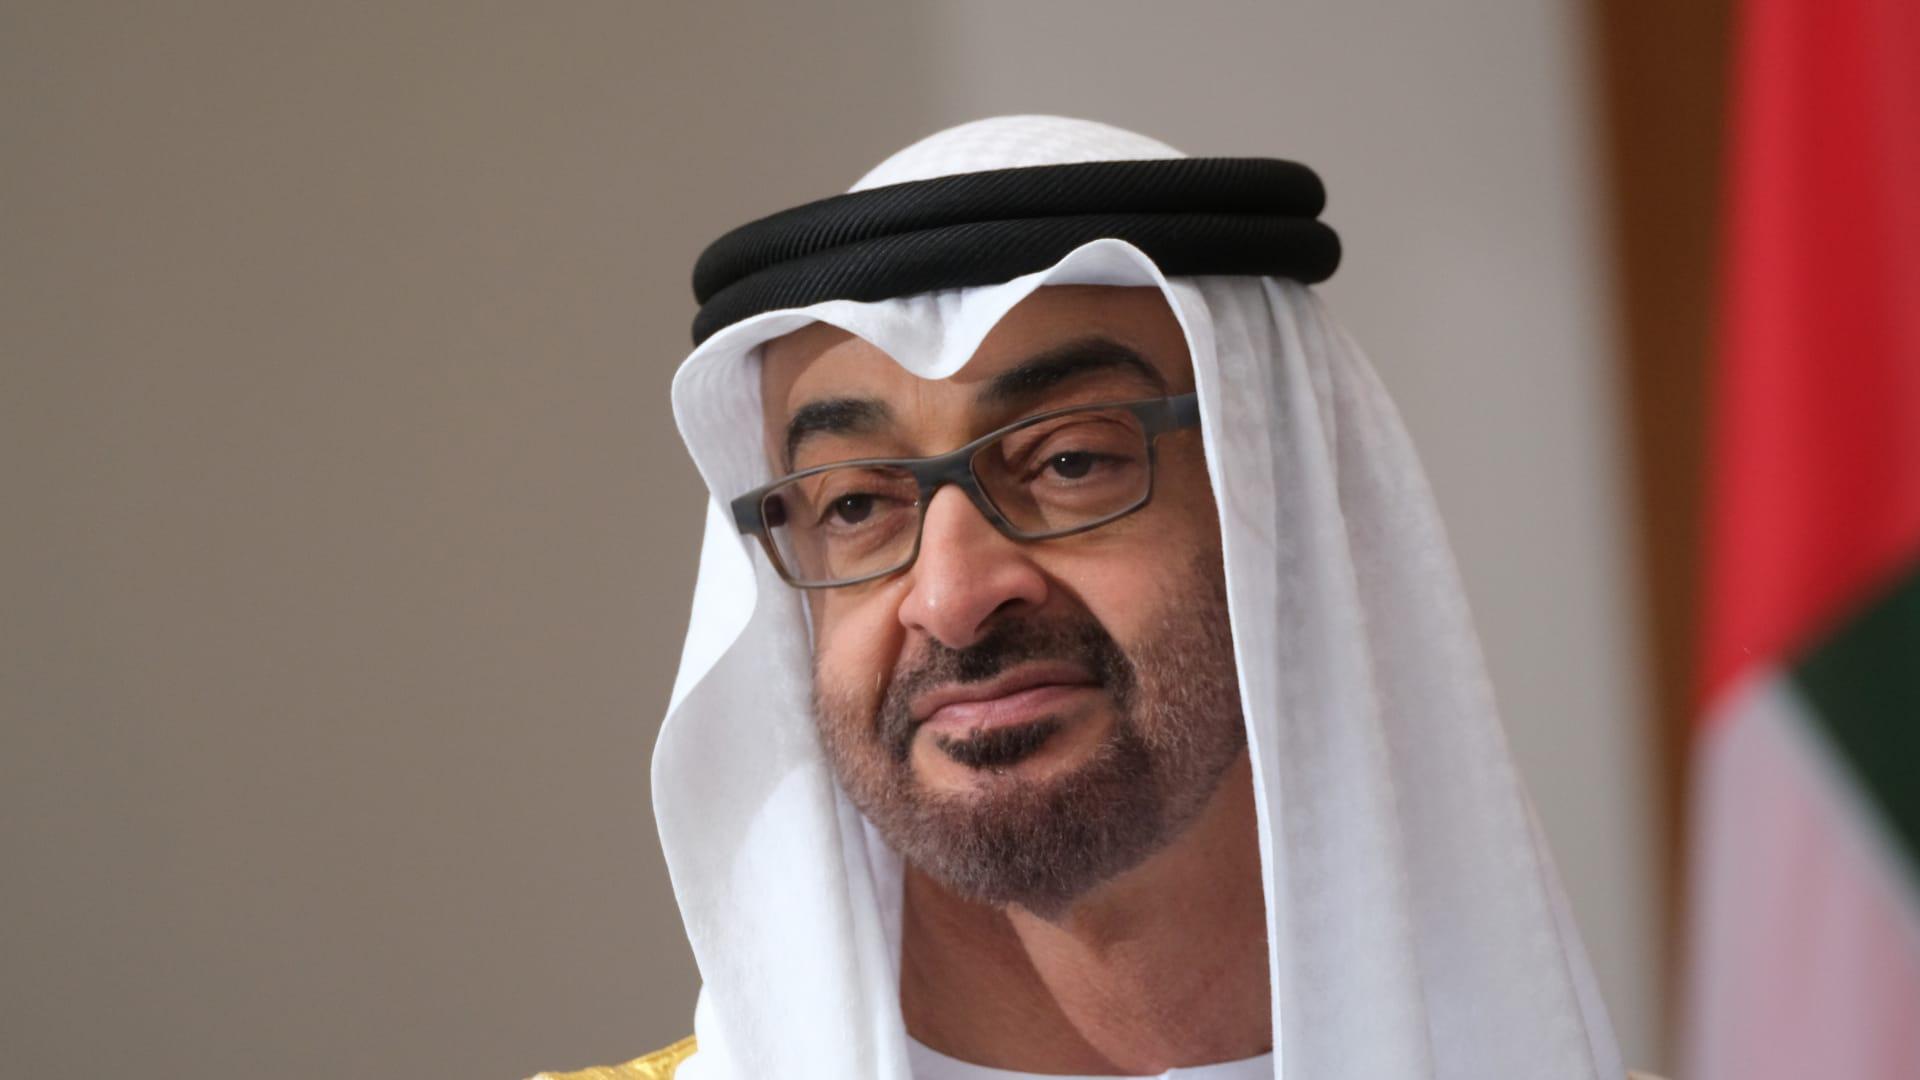 الإمارات تعلن عزمها استثمار 3 مليارات دولار في العراق في ختام زيارة الكاظمي